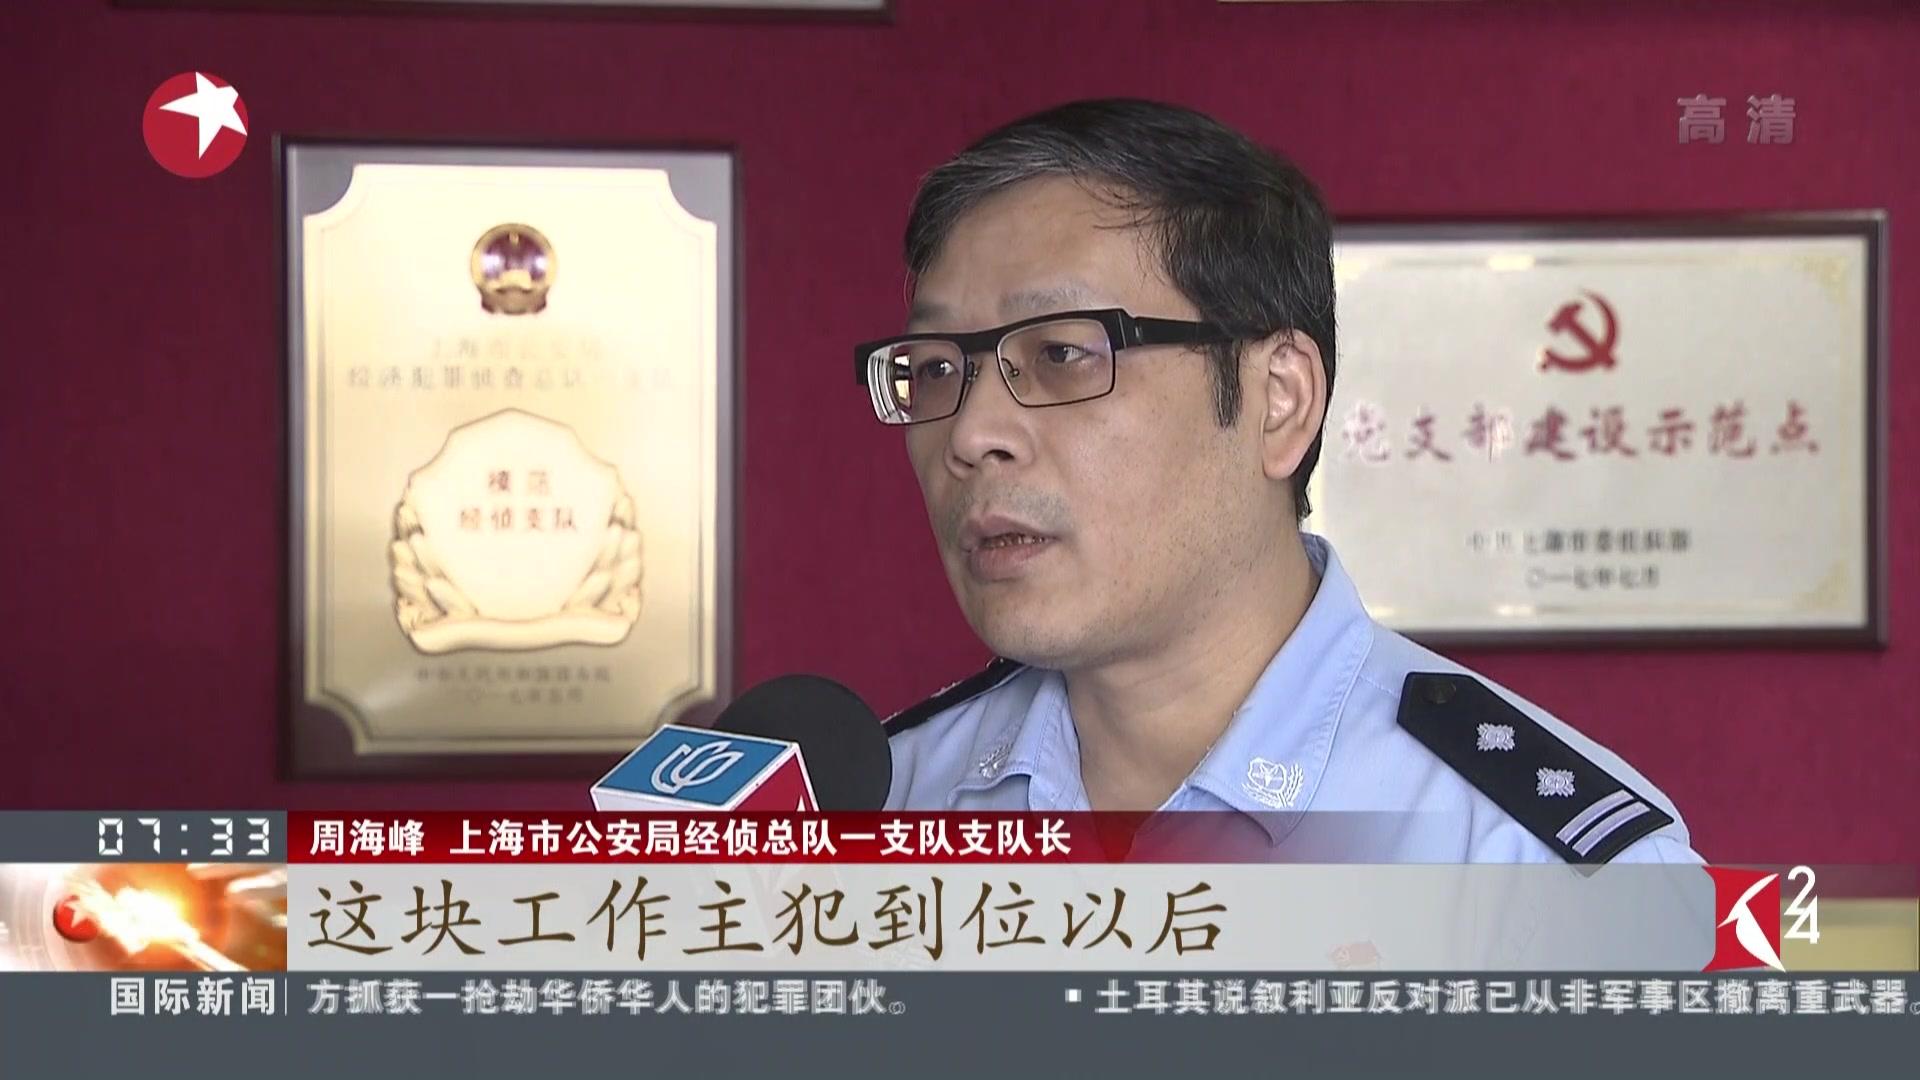 上海警方通报非法集资案件  追逃工作阶段性成功